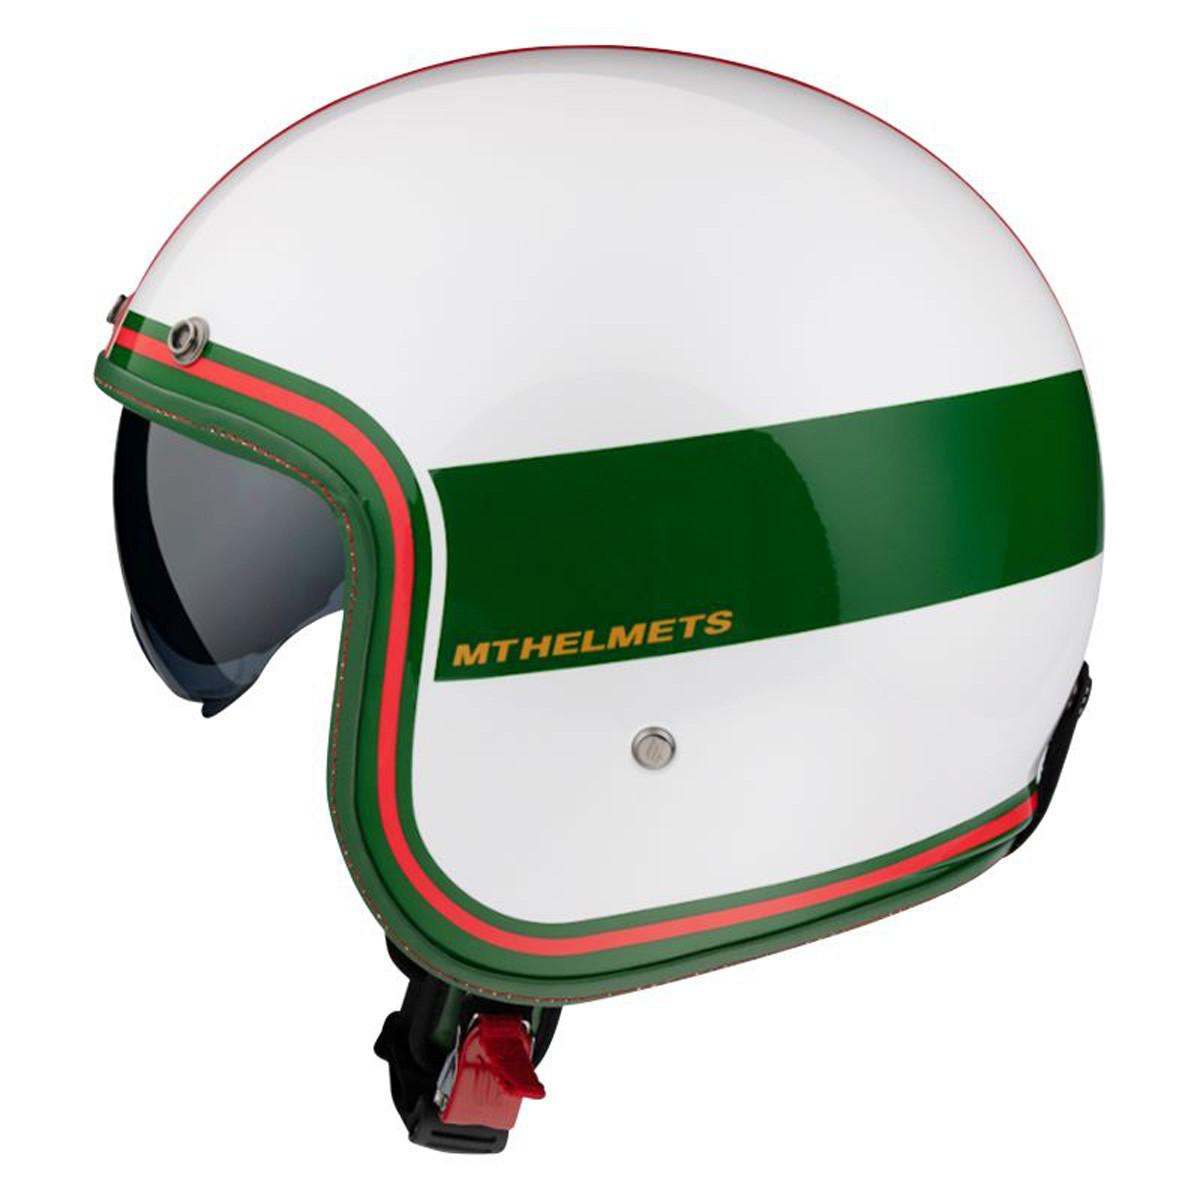 Casque Jet - MT Le Mans 2 - SV Tant Blanc / Vert Brillant